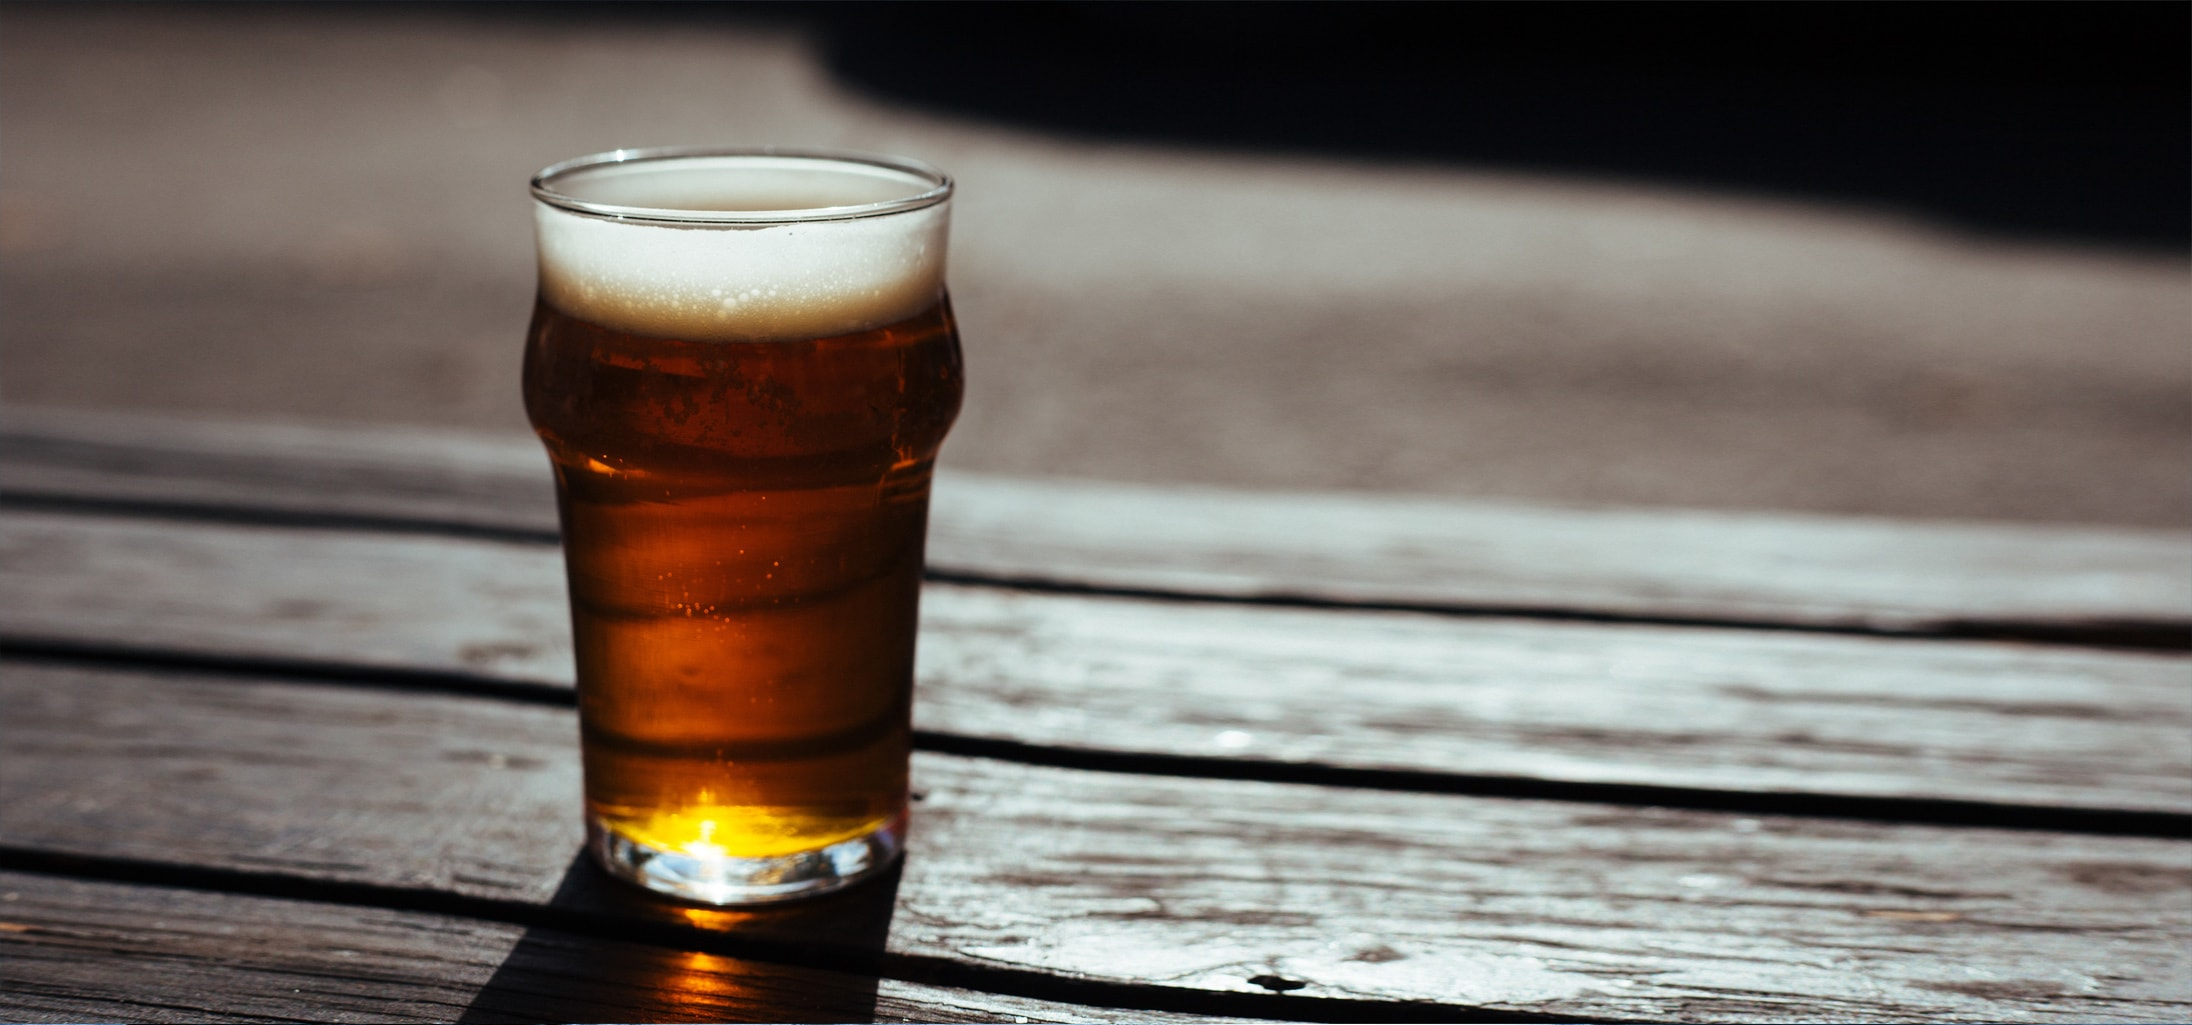 Verre d'une bière normande